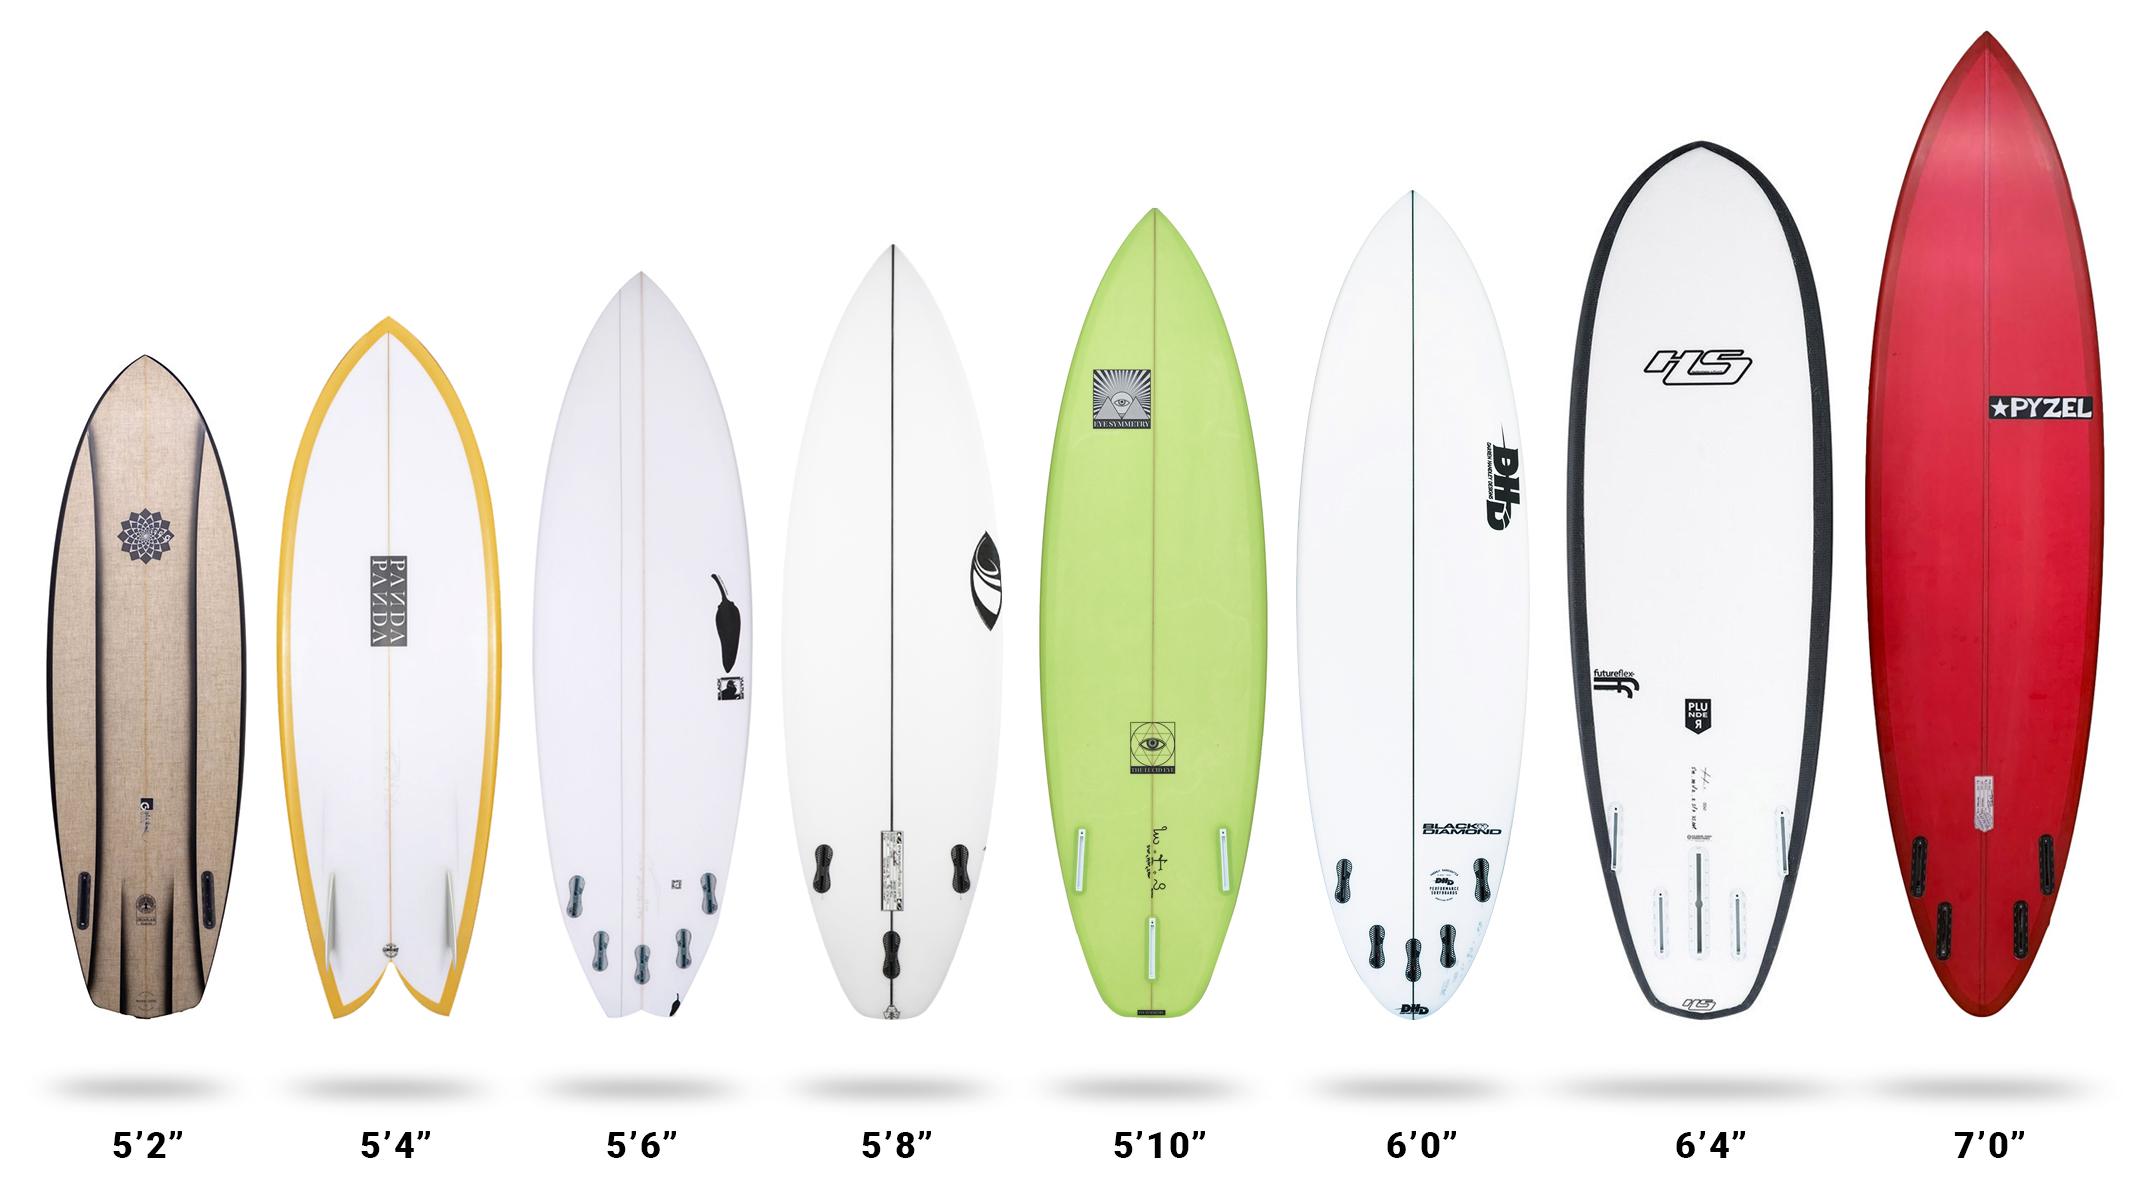 Surfboard Comparison